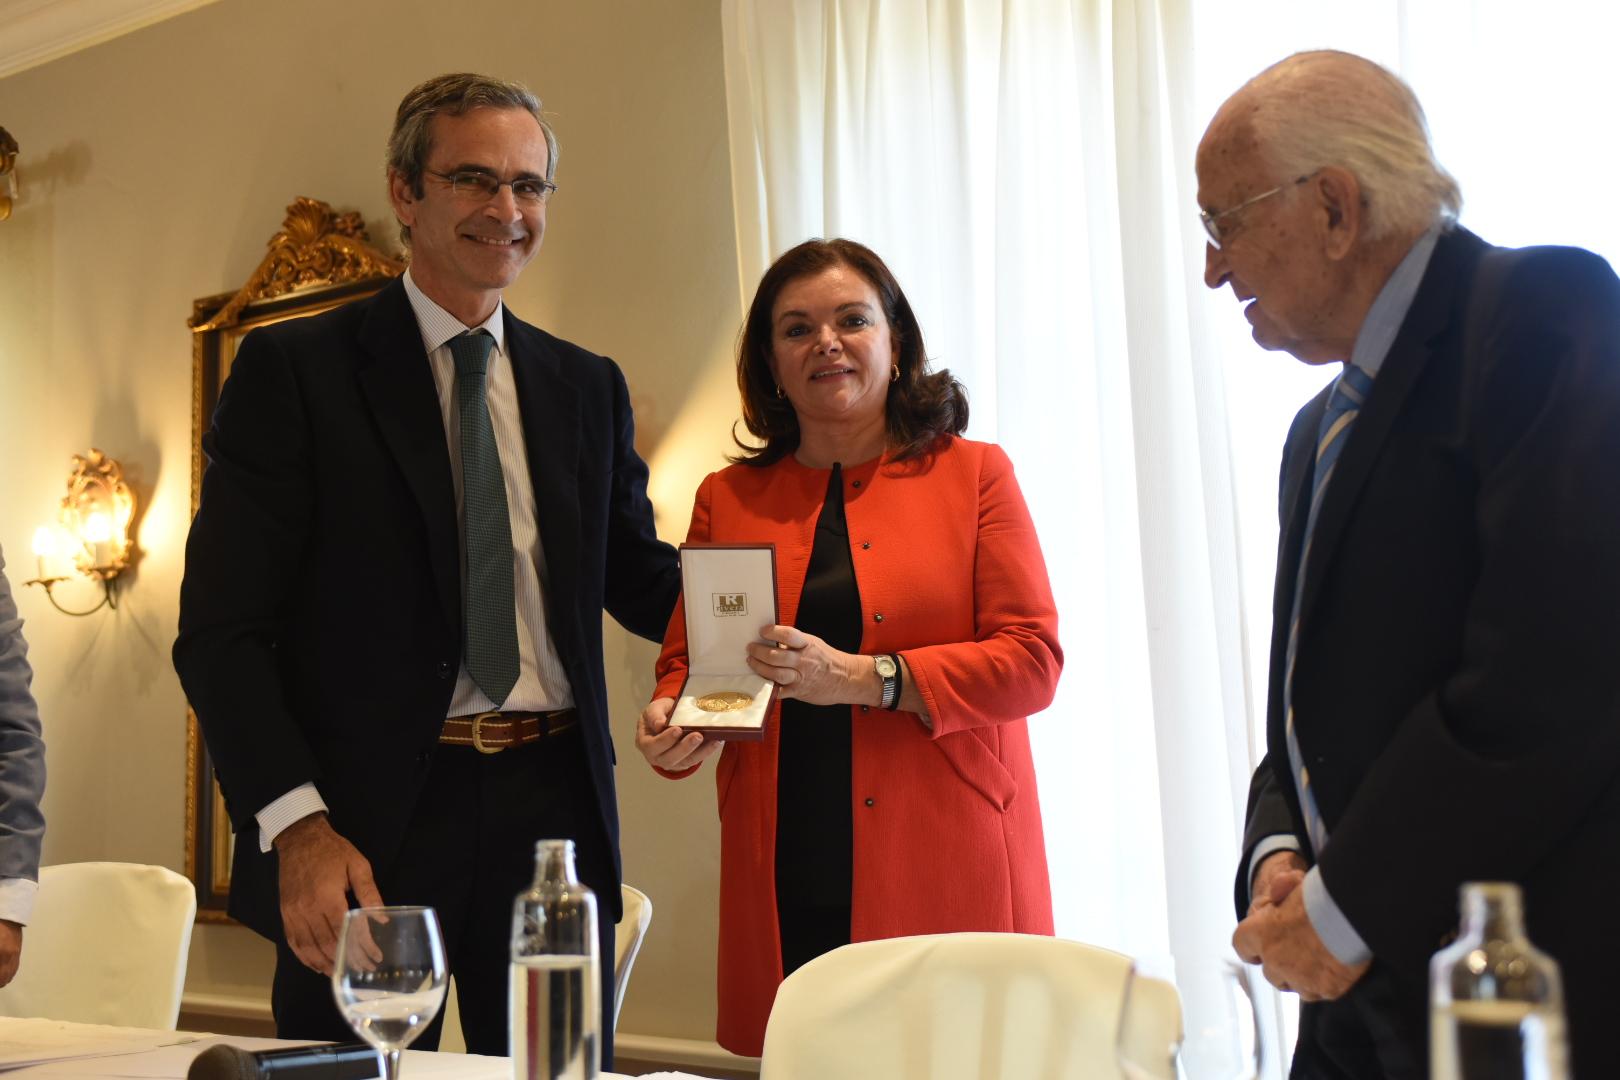 Carmen Peña, presidenta de la Federación Internacional Farmacéutica, presenta en Cádiz su proyecto 'two times two' para la farmacia mundial